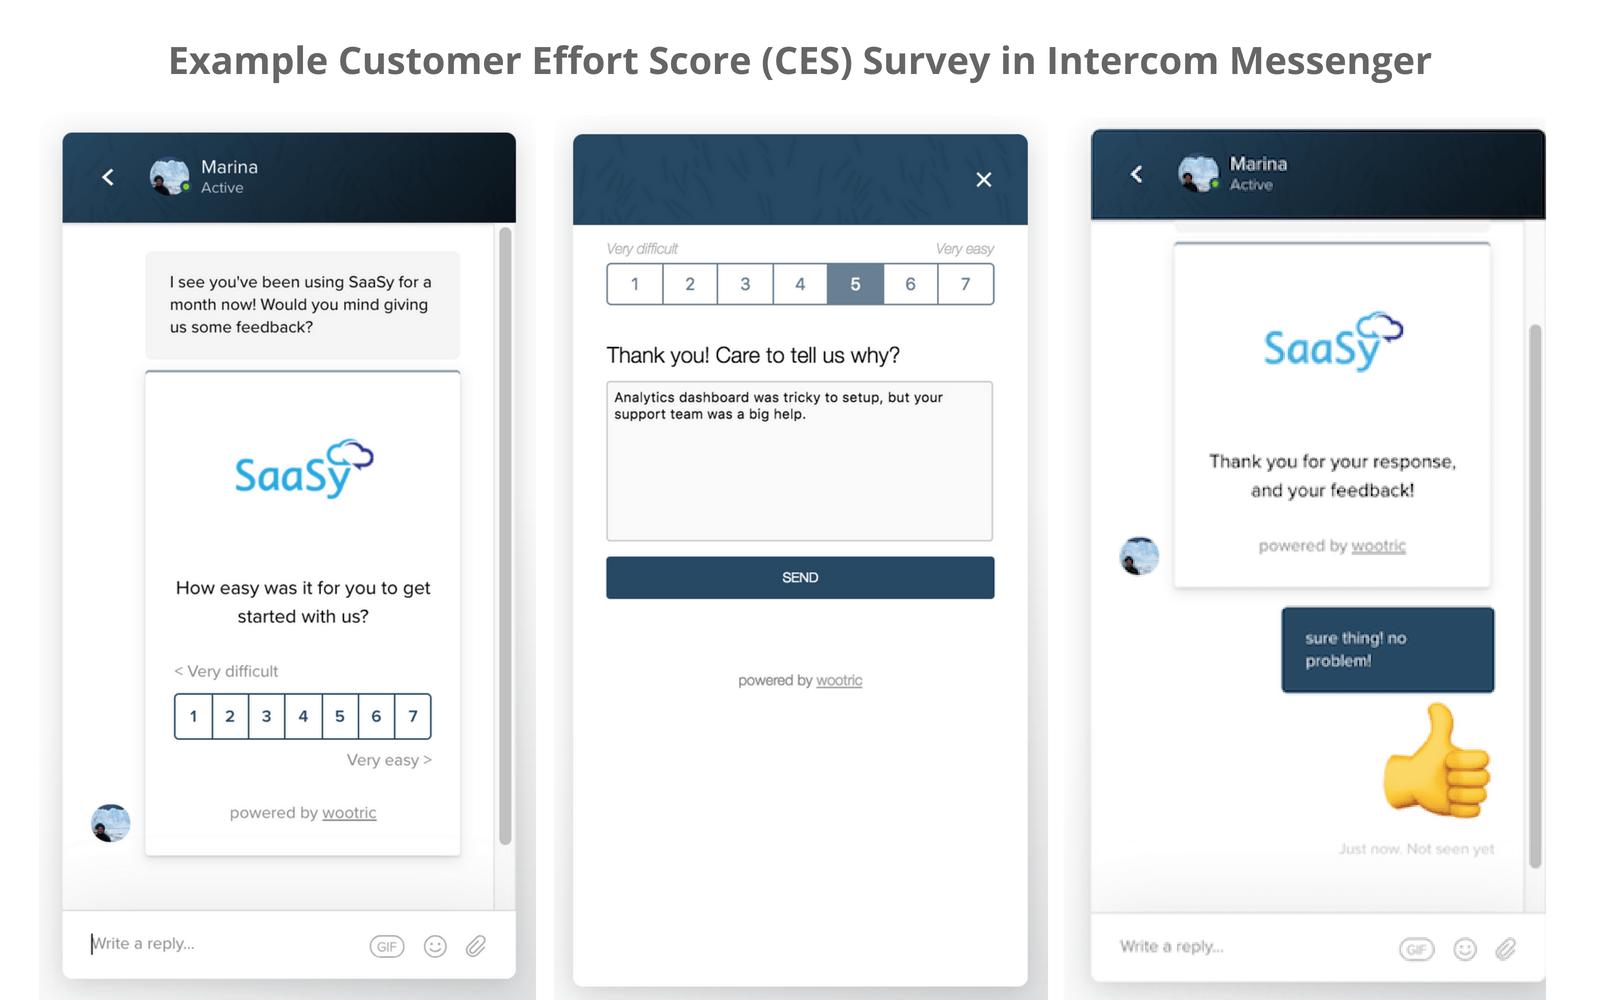 CES survey